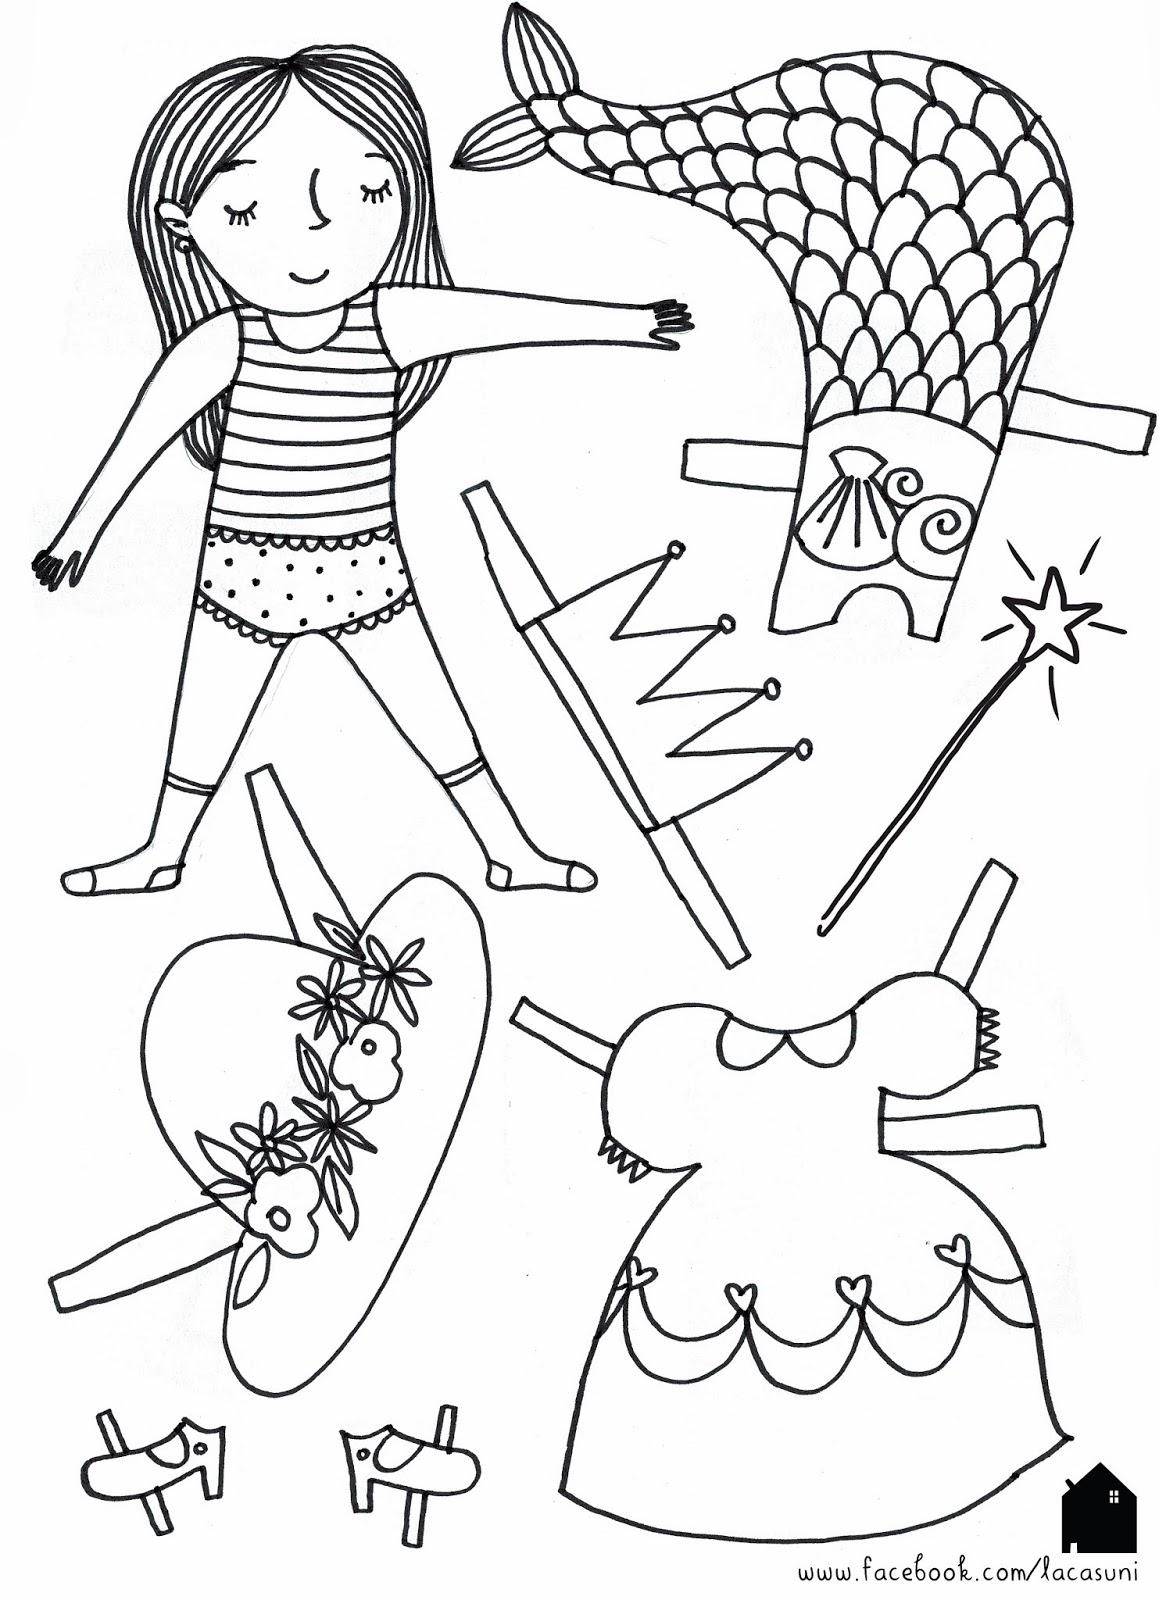 Stamps for kids/ Valeria Cis | Books illustration/, Valeria Cis ...